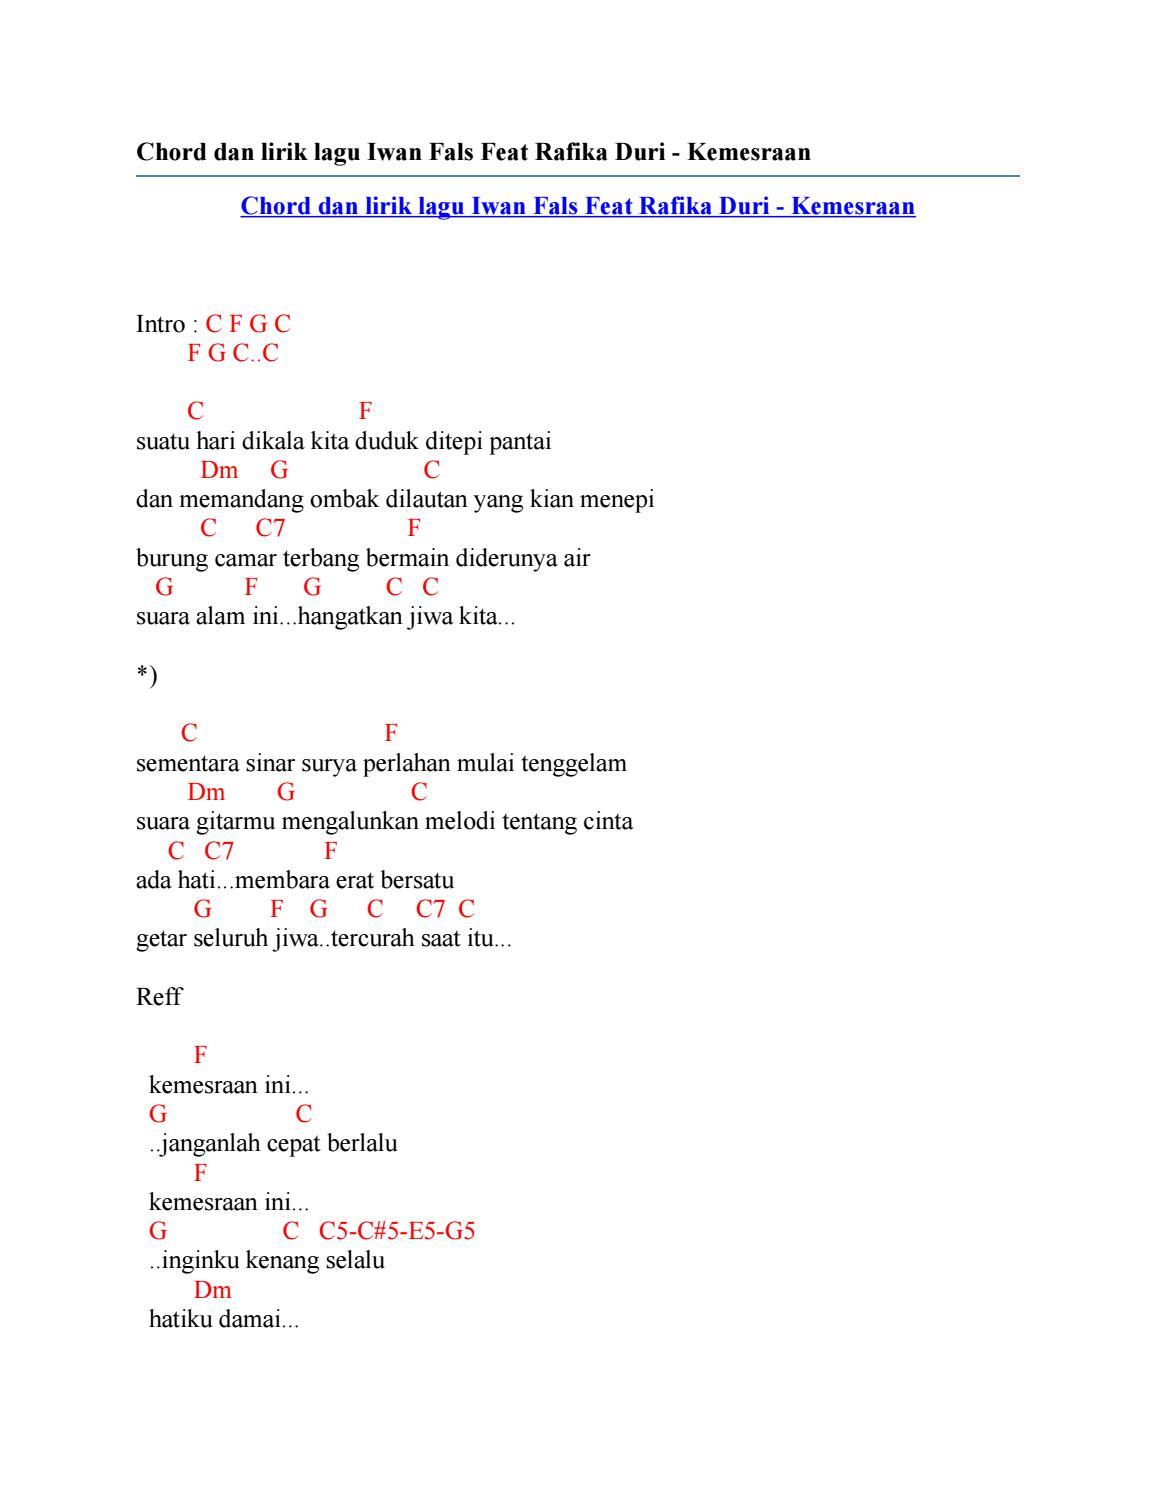 Chord Dan Lirik Lagu Iwan Fals 22 Januari Lengkap Lirik Lagu Dan Kunci Gitar Bang Iwan Fals